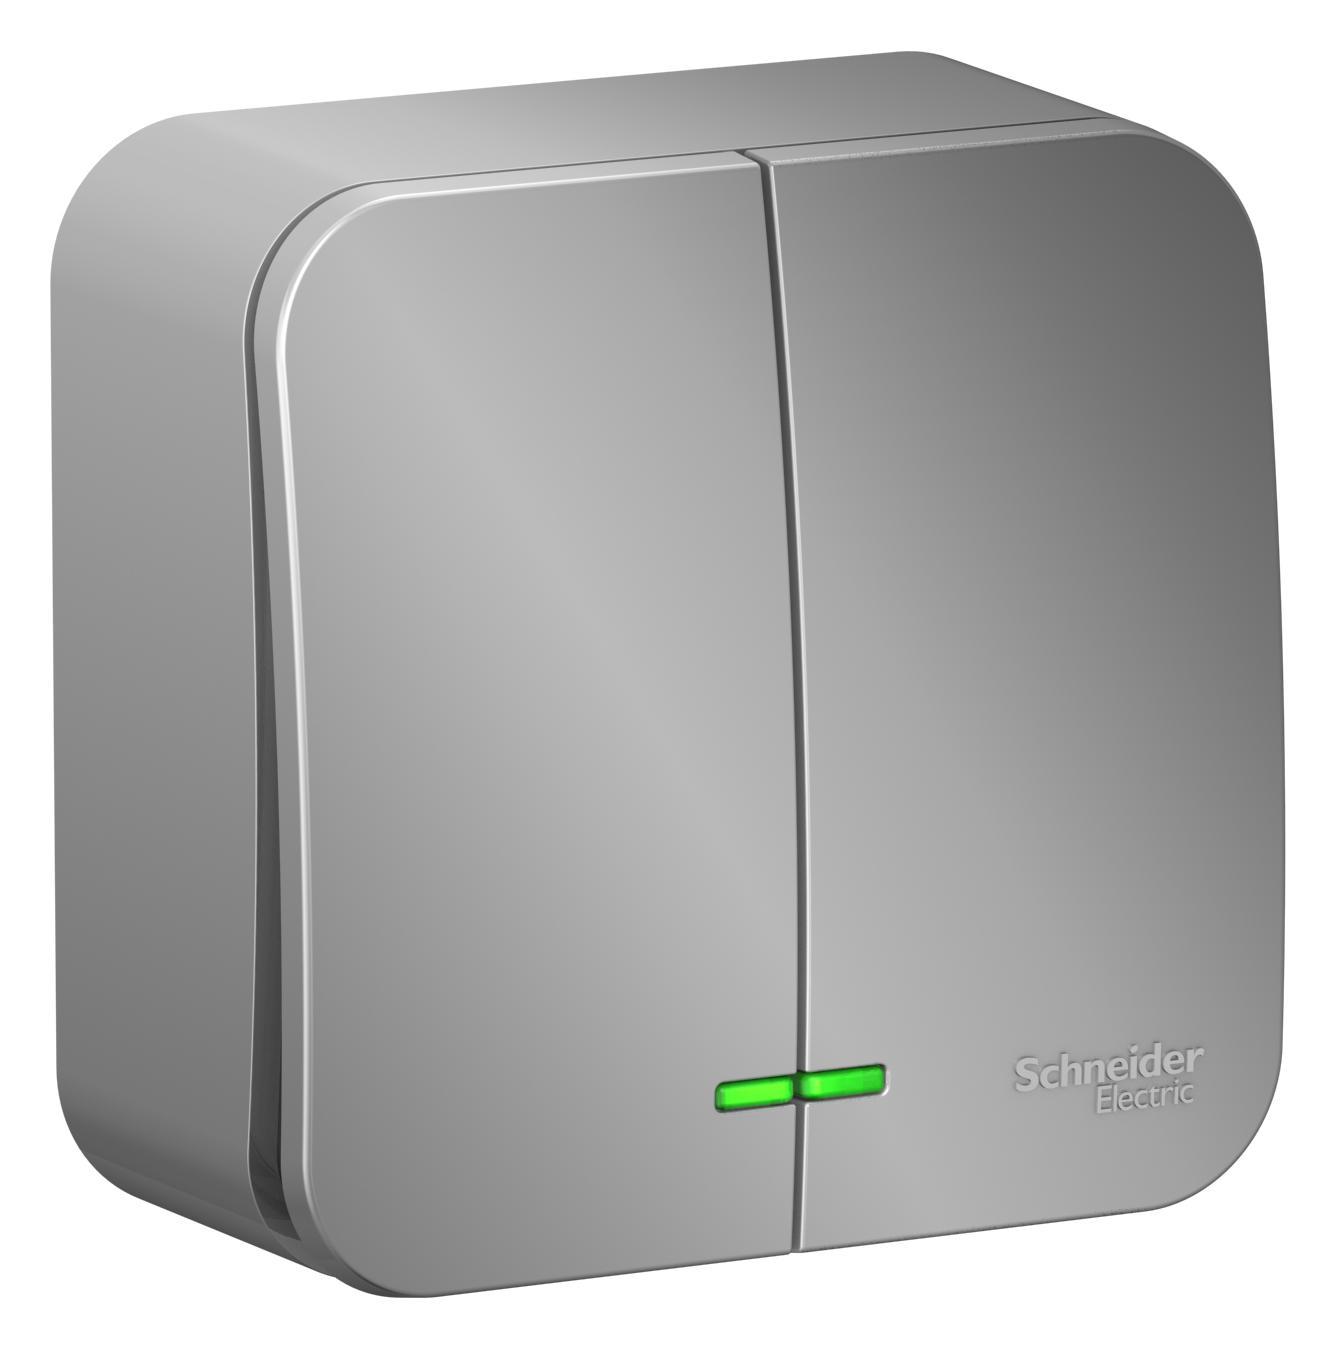 Выключатель Schneider electric Blnva105103 blanca выключатель gsl000497 schneider electric